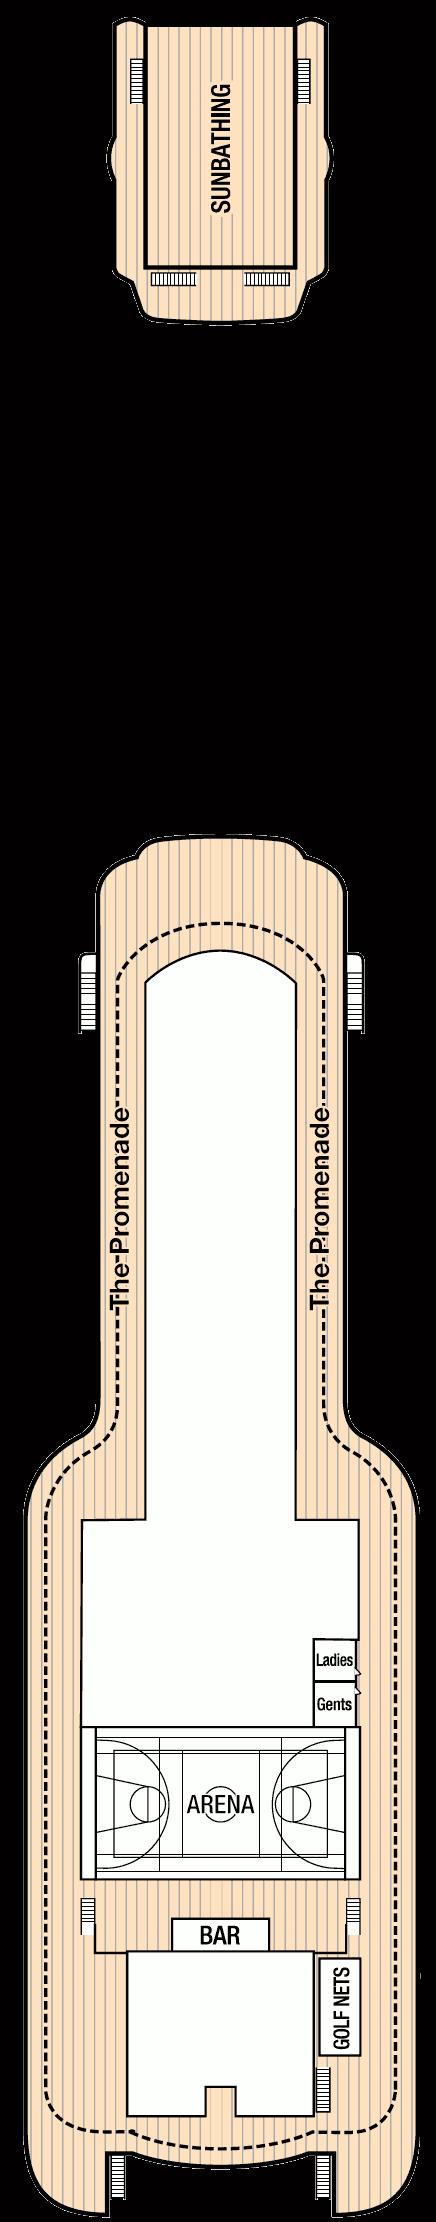 Britannia Deck 18